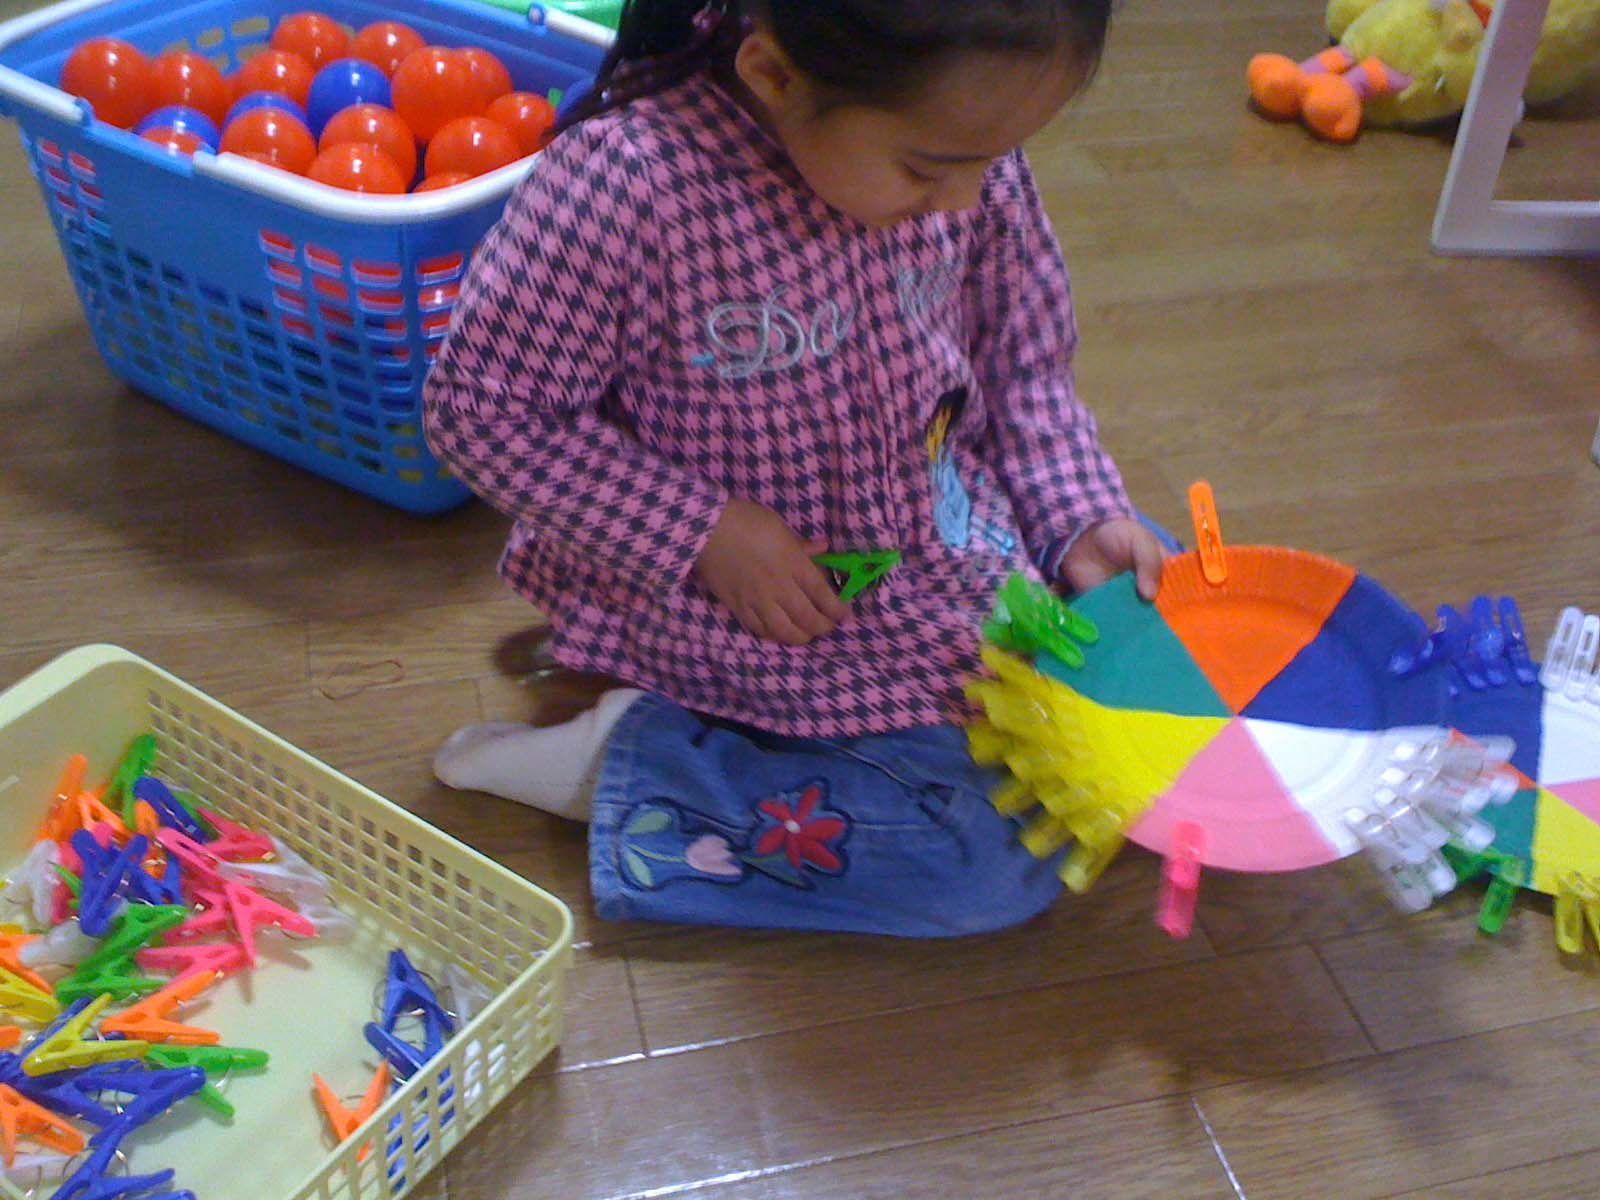 نشاط تعليمي لتمييز الألوان و التطابق للأطفال المصابين بالتوحد